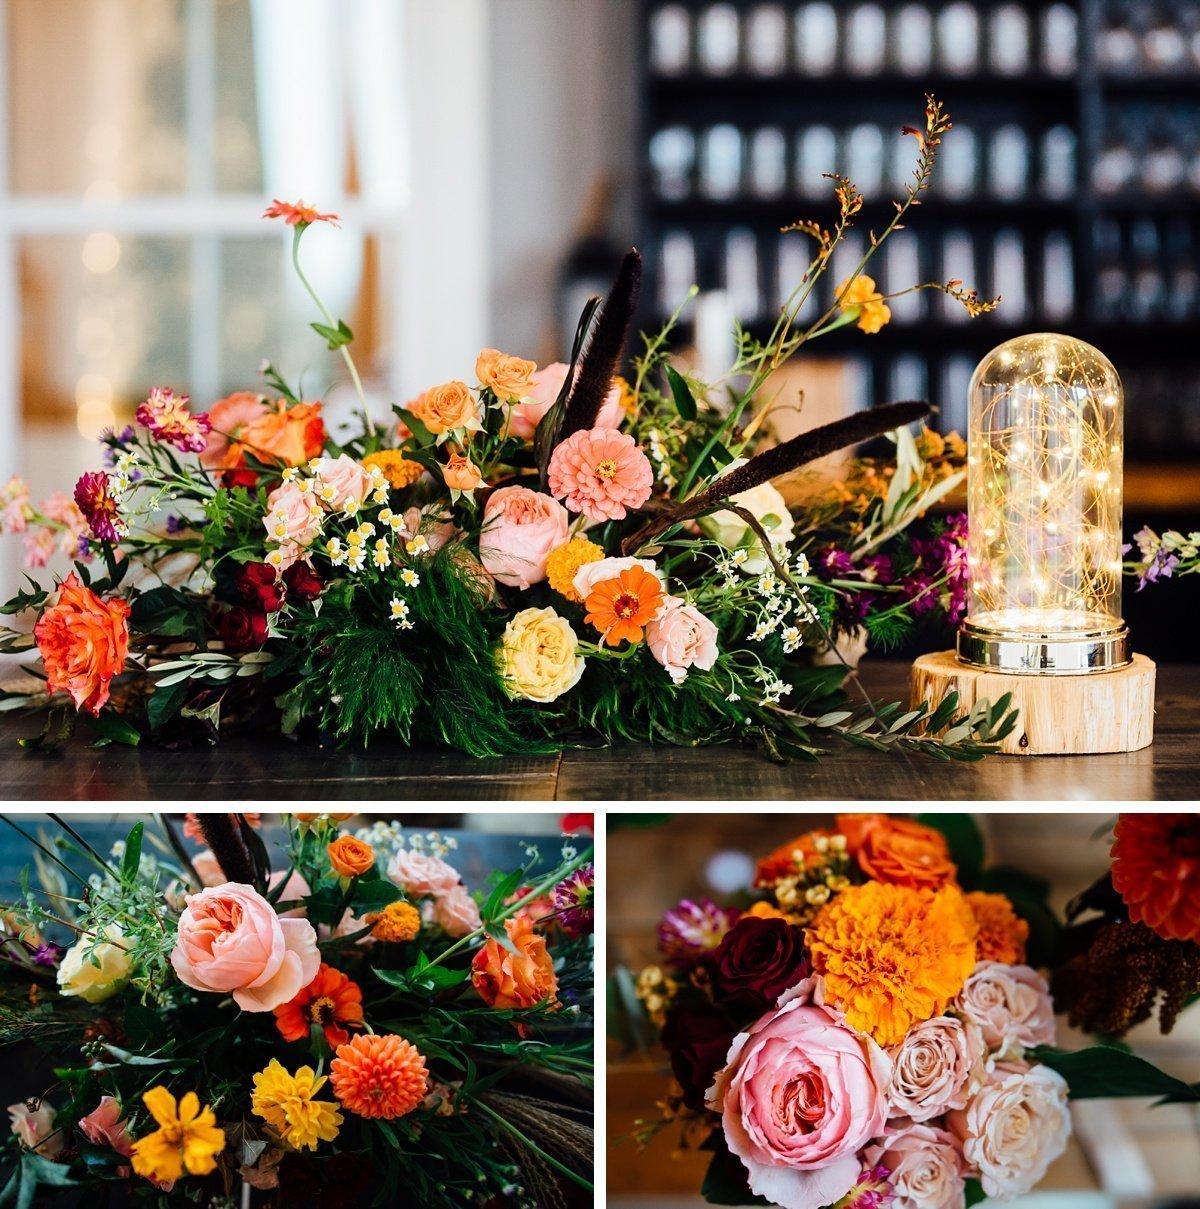 2019-01-07_0015 Allenbrooke Farms | Spring Hill TN Wedding | Sam and Kaleb